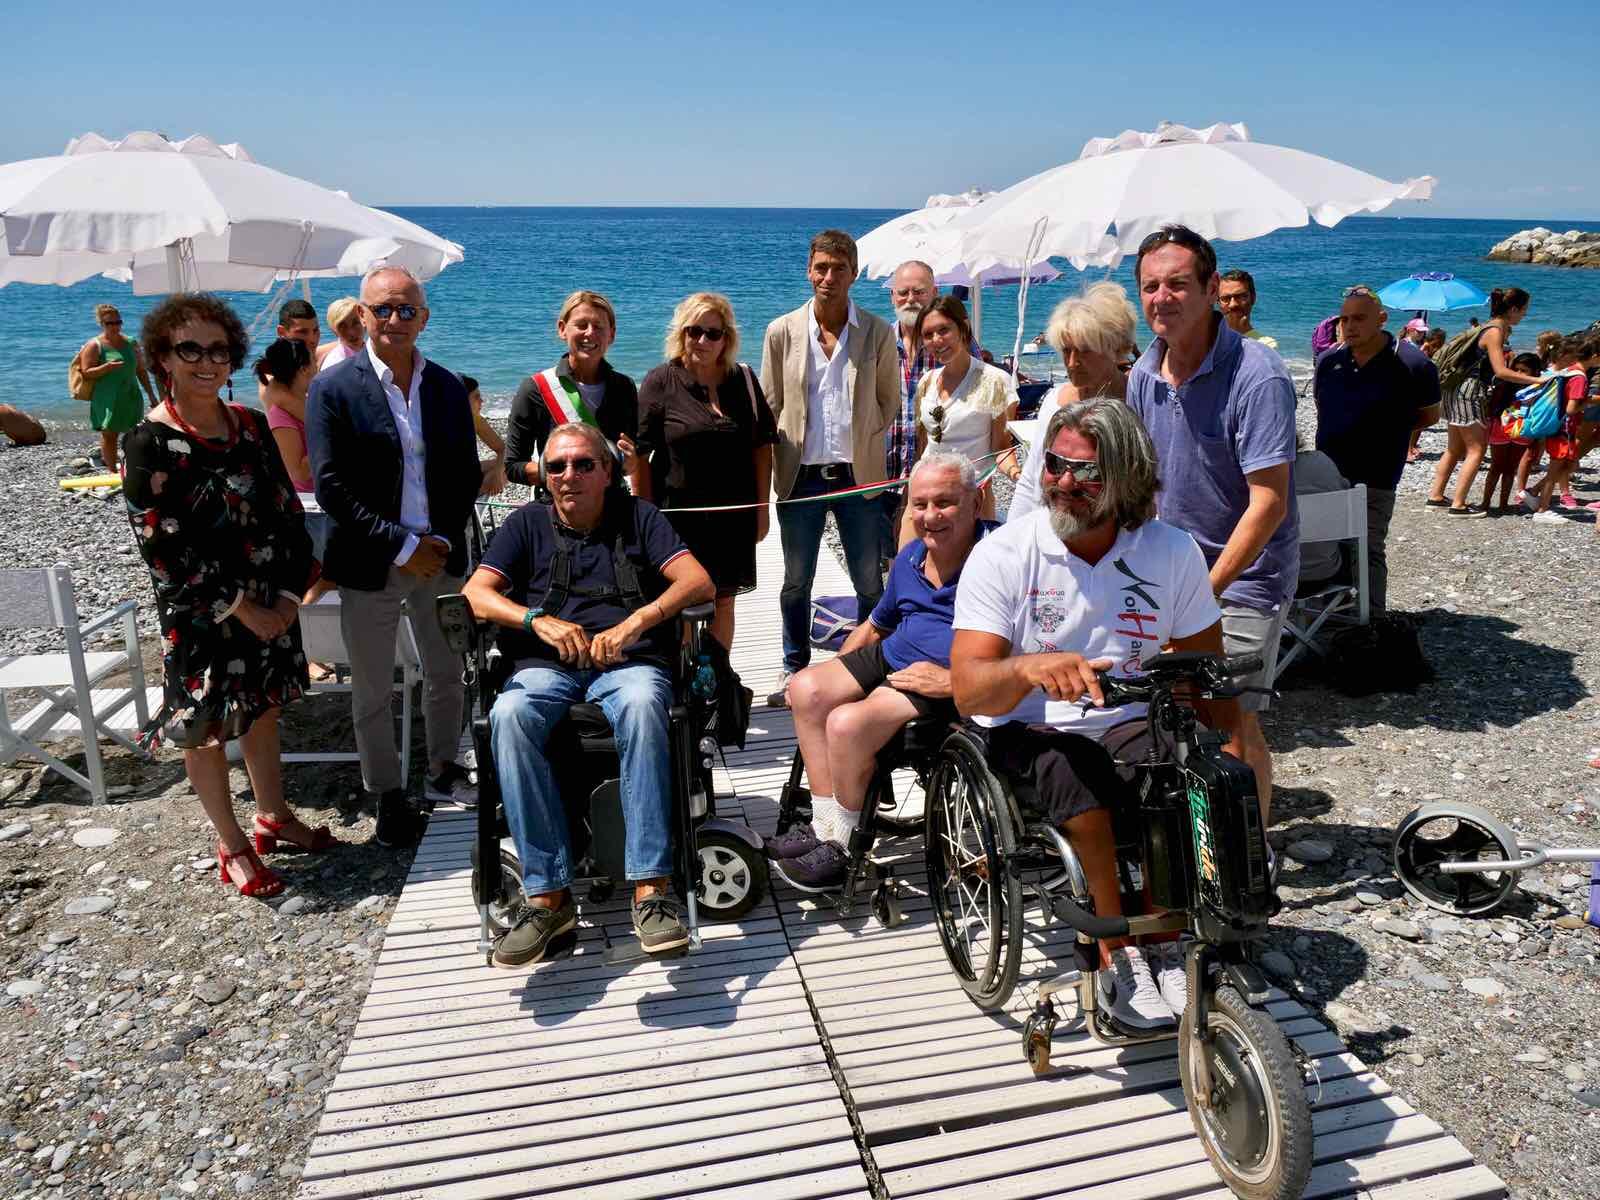 Inaugurazione spiaggia attrezzata di Lavagna per persone disabili 2019.07.16 - 3